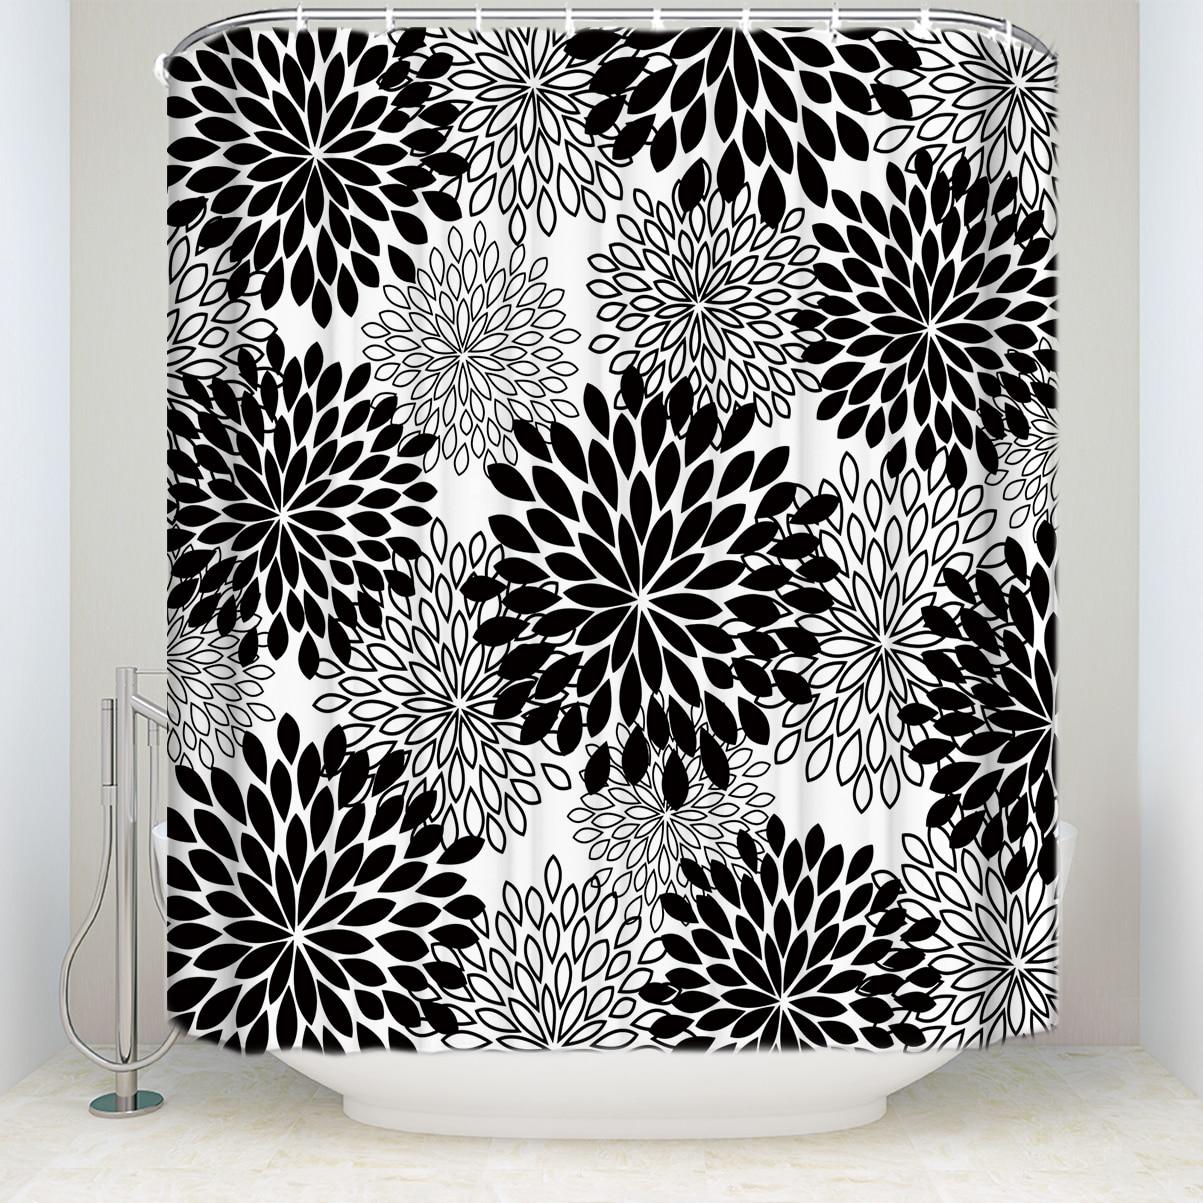 Bath Universe Galaxy Mandala Flower Polyester Fabric Bath